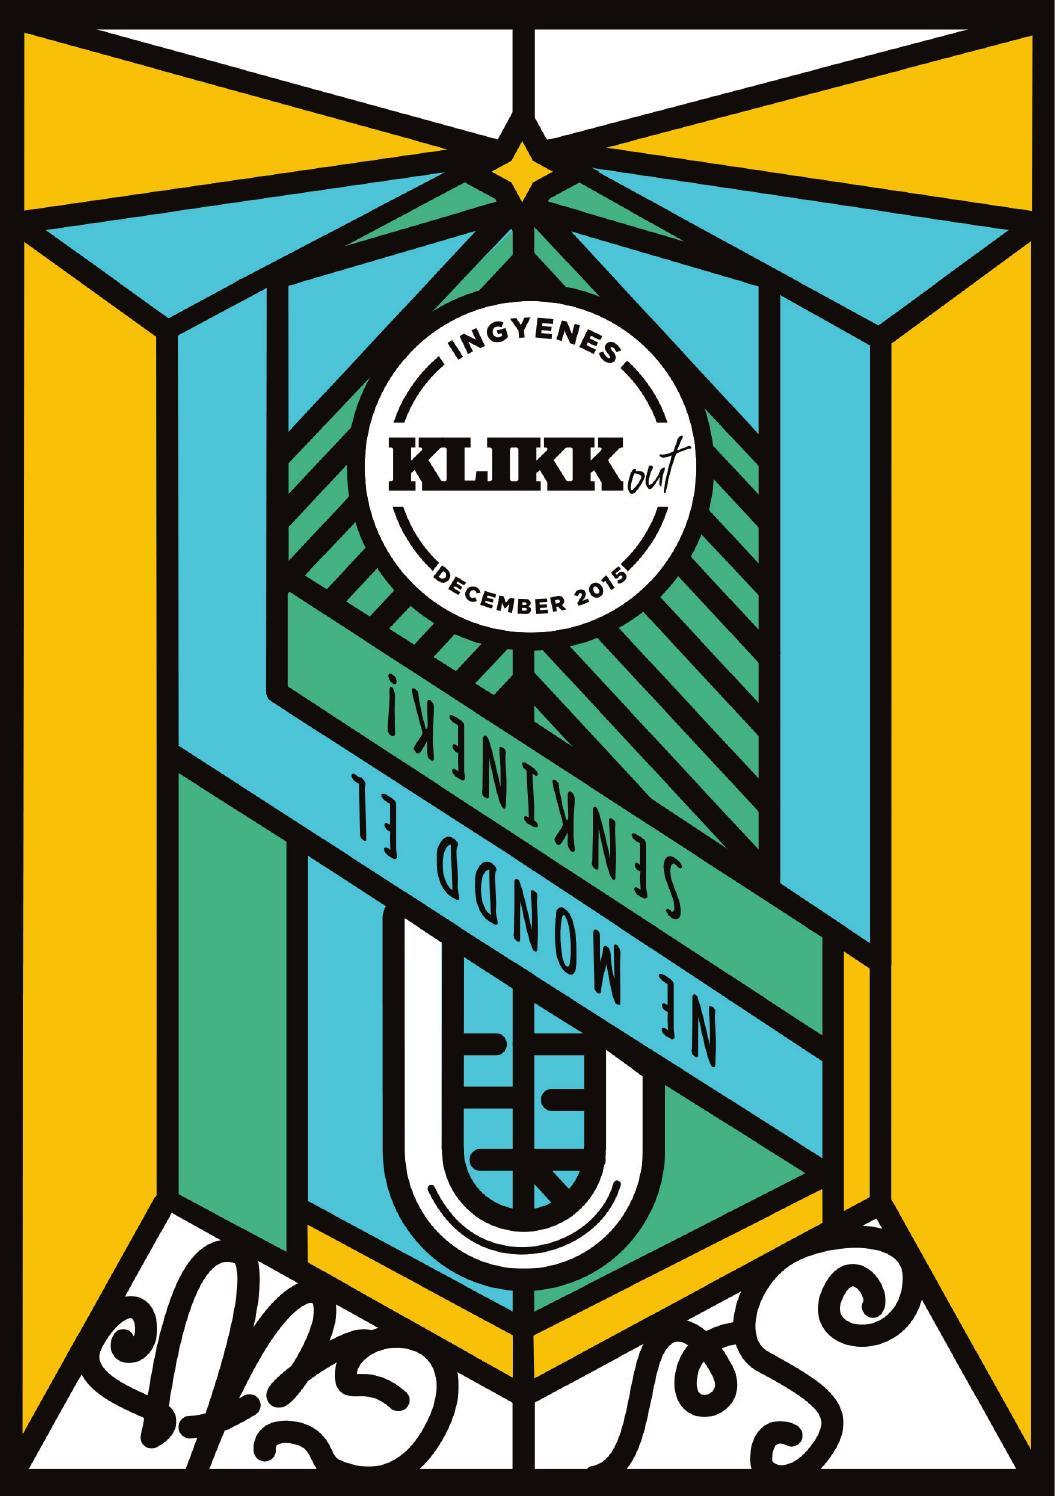 285bf8fe7f Klikkout 12 15 by KLIKK OUT - issuu